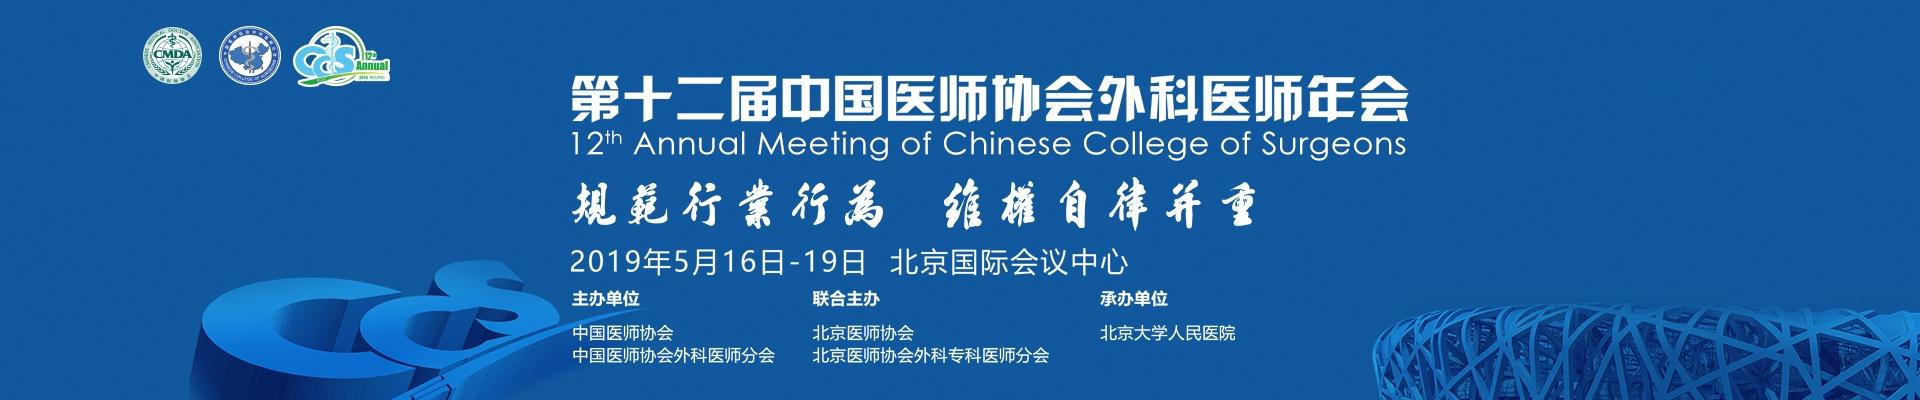 第十二届中国医师协会外科医师年会(CCS 2019)